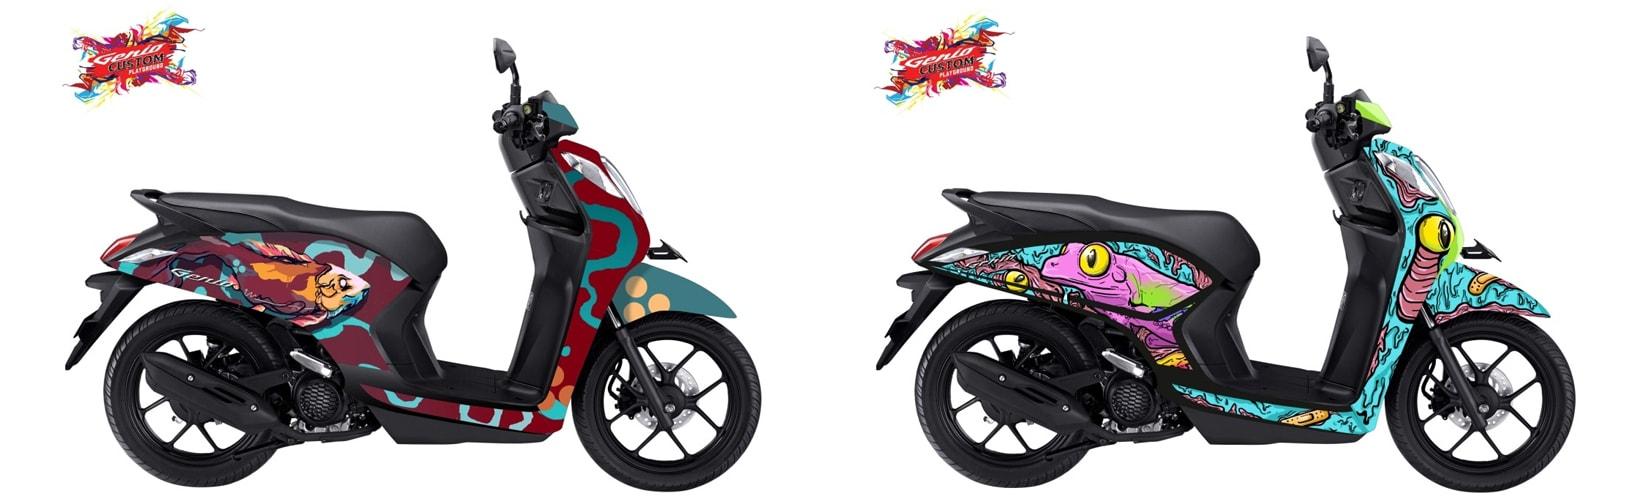 ภาพแปลงโฉมมอเตอร์ไซค์ Honda Genio